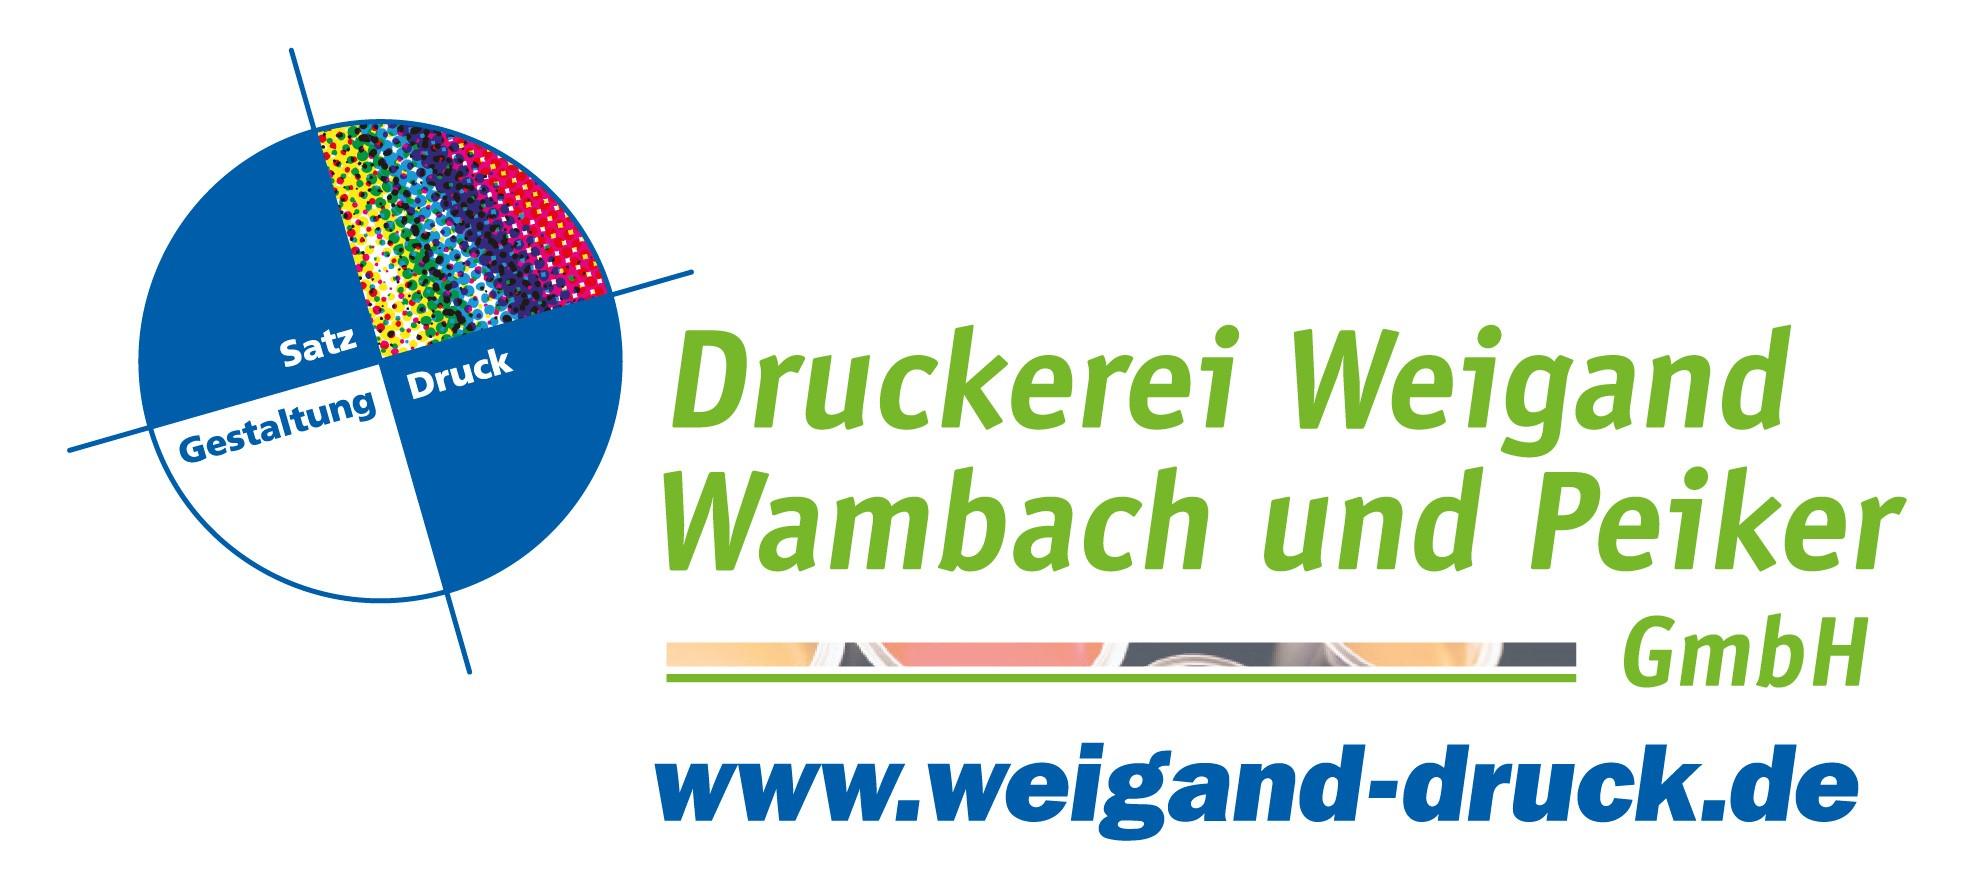 Druckerei Weigand Wambach und Peikert GmbH